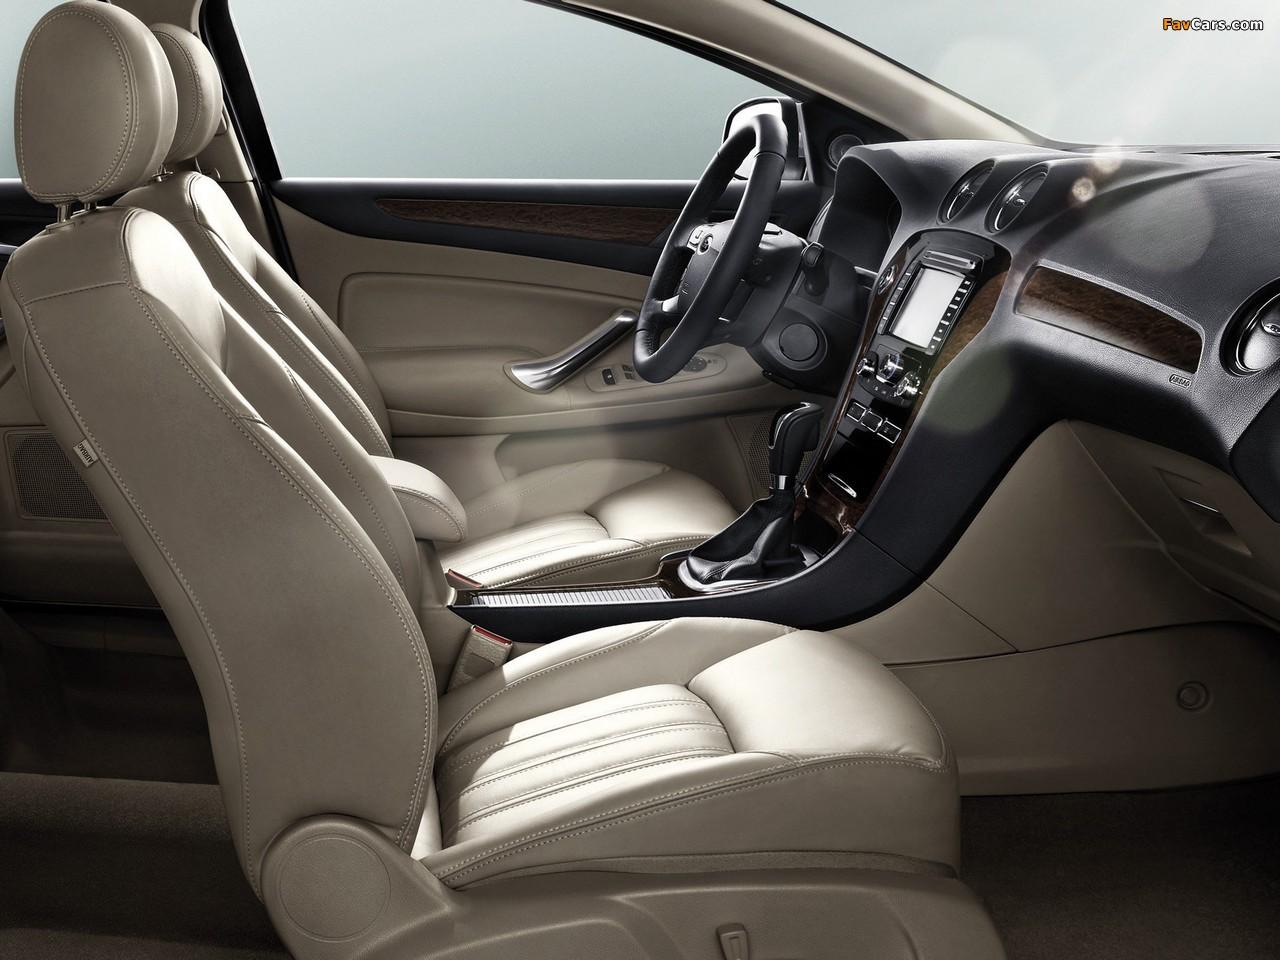 Как отключить сигнализатор непристегнутого ремня в Ford Mondeo 4?